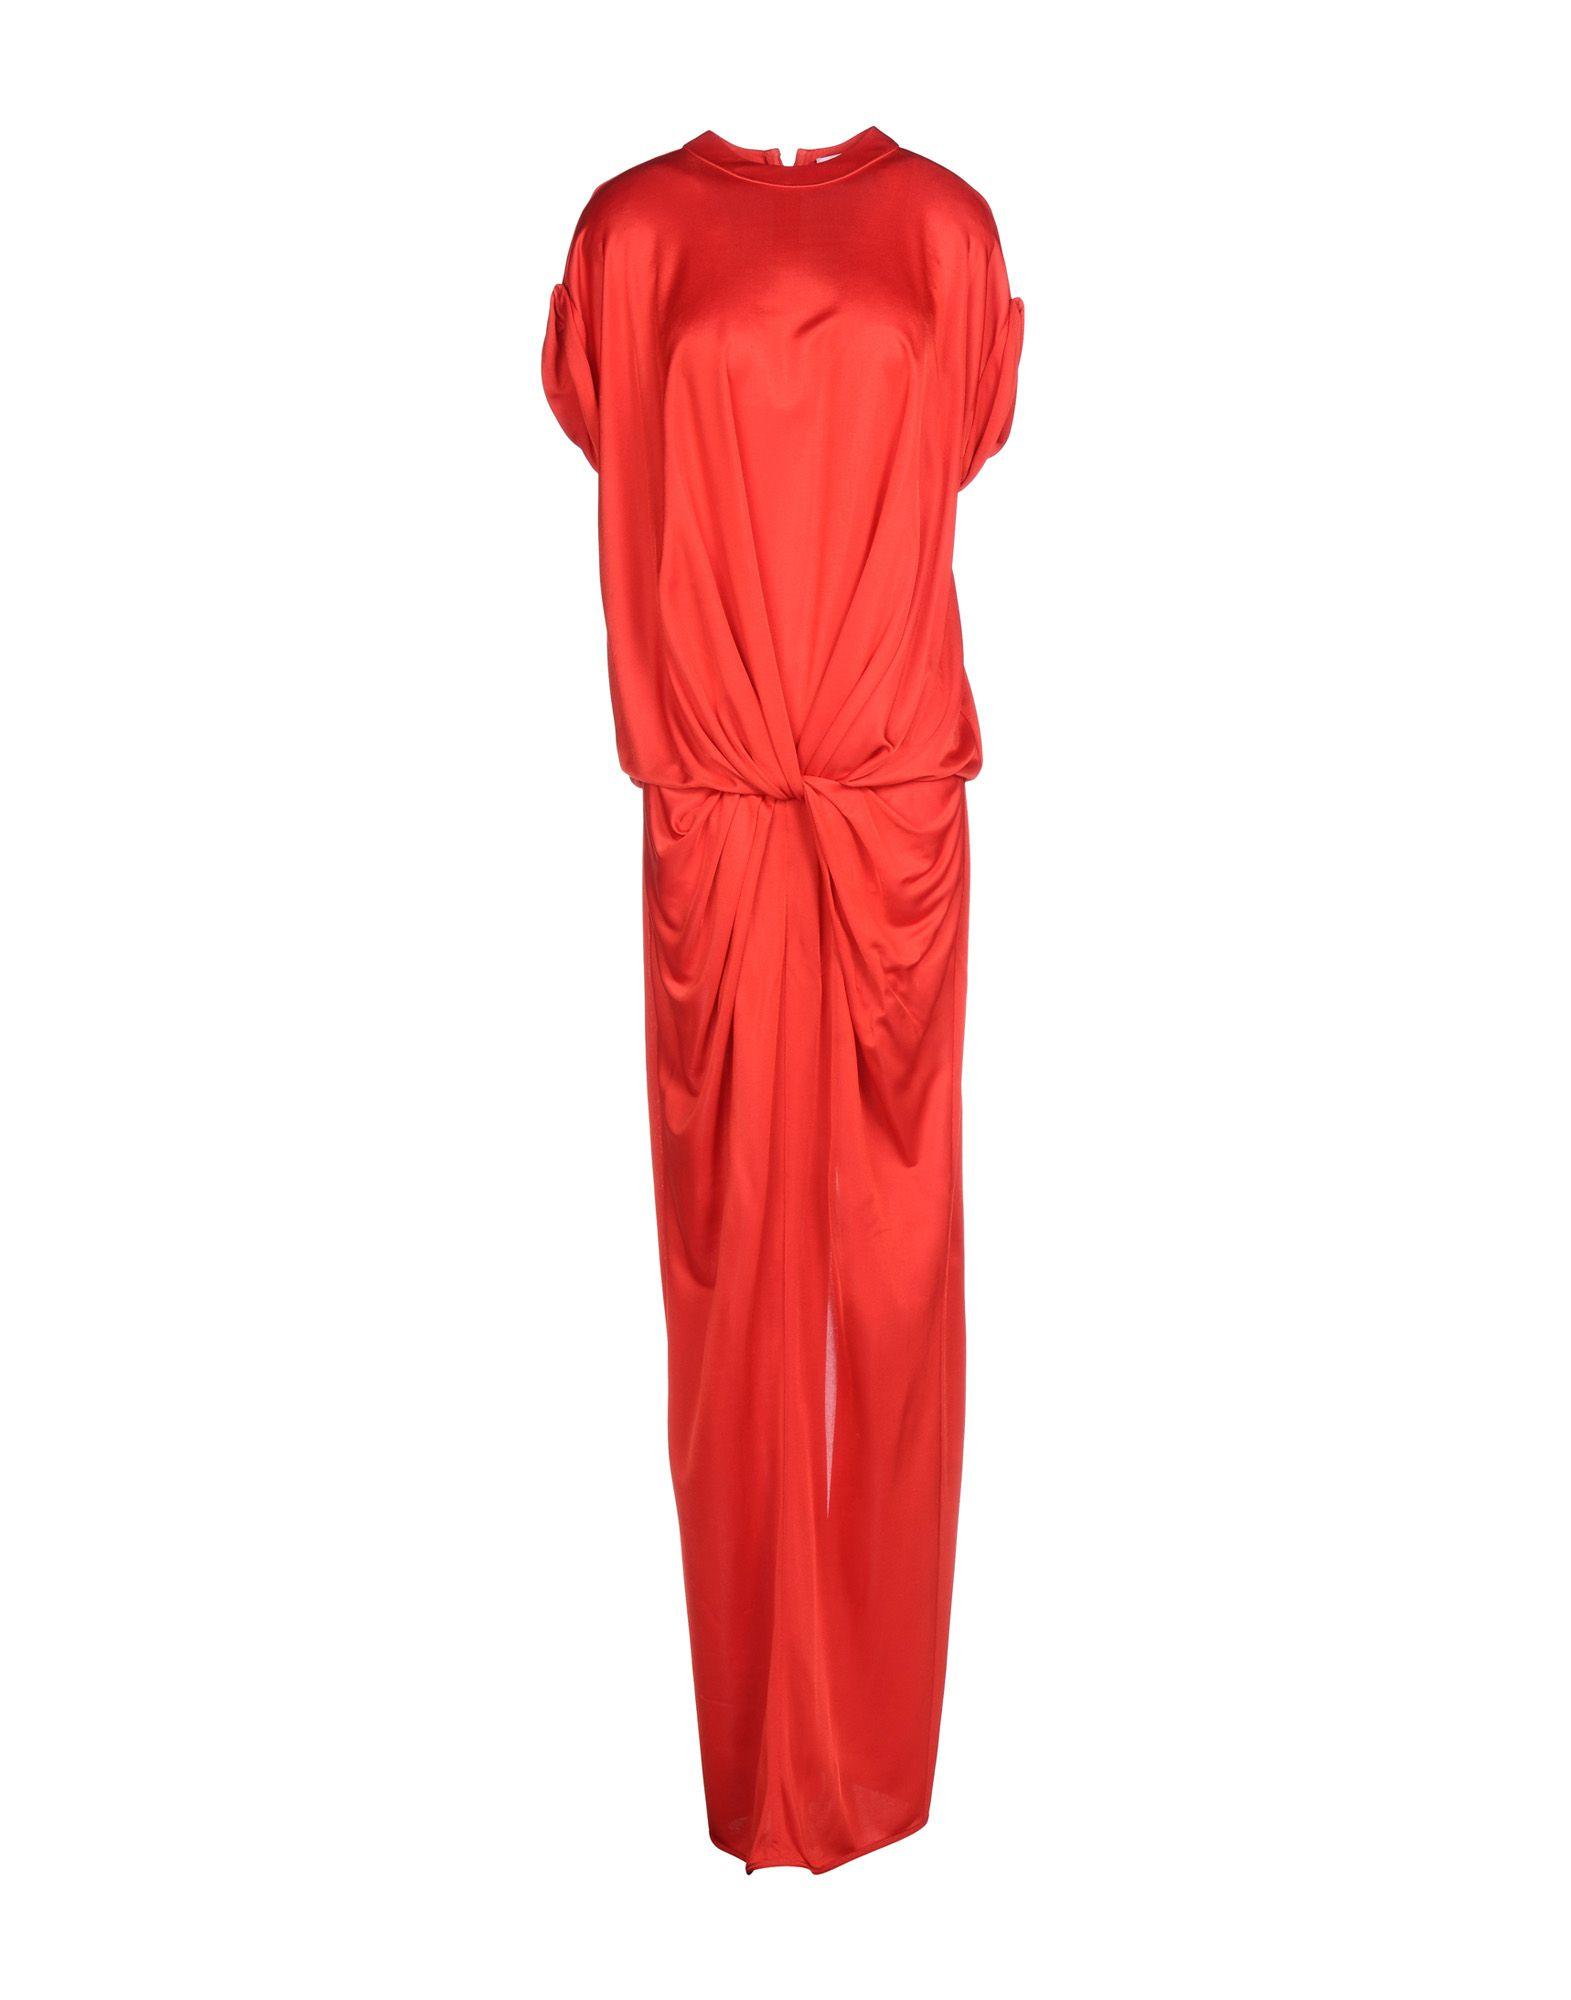 GIVENCHY Длинное платье платье oodji ultra цвет красный белый 14001071 13 46148 4512s размер xs 42 170